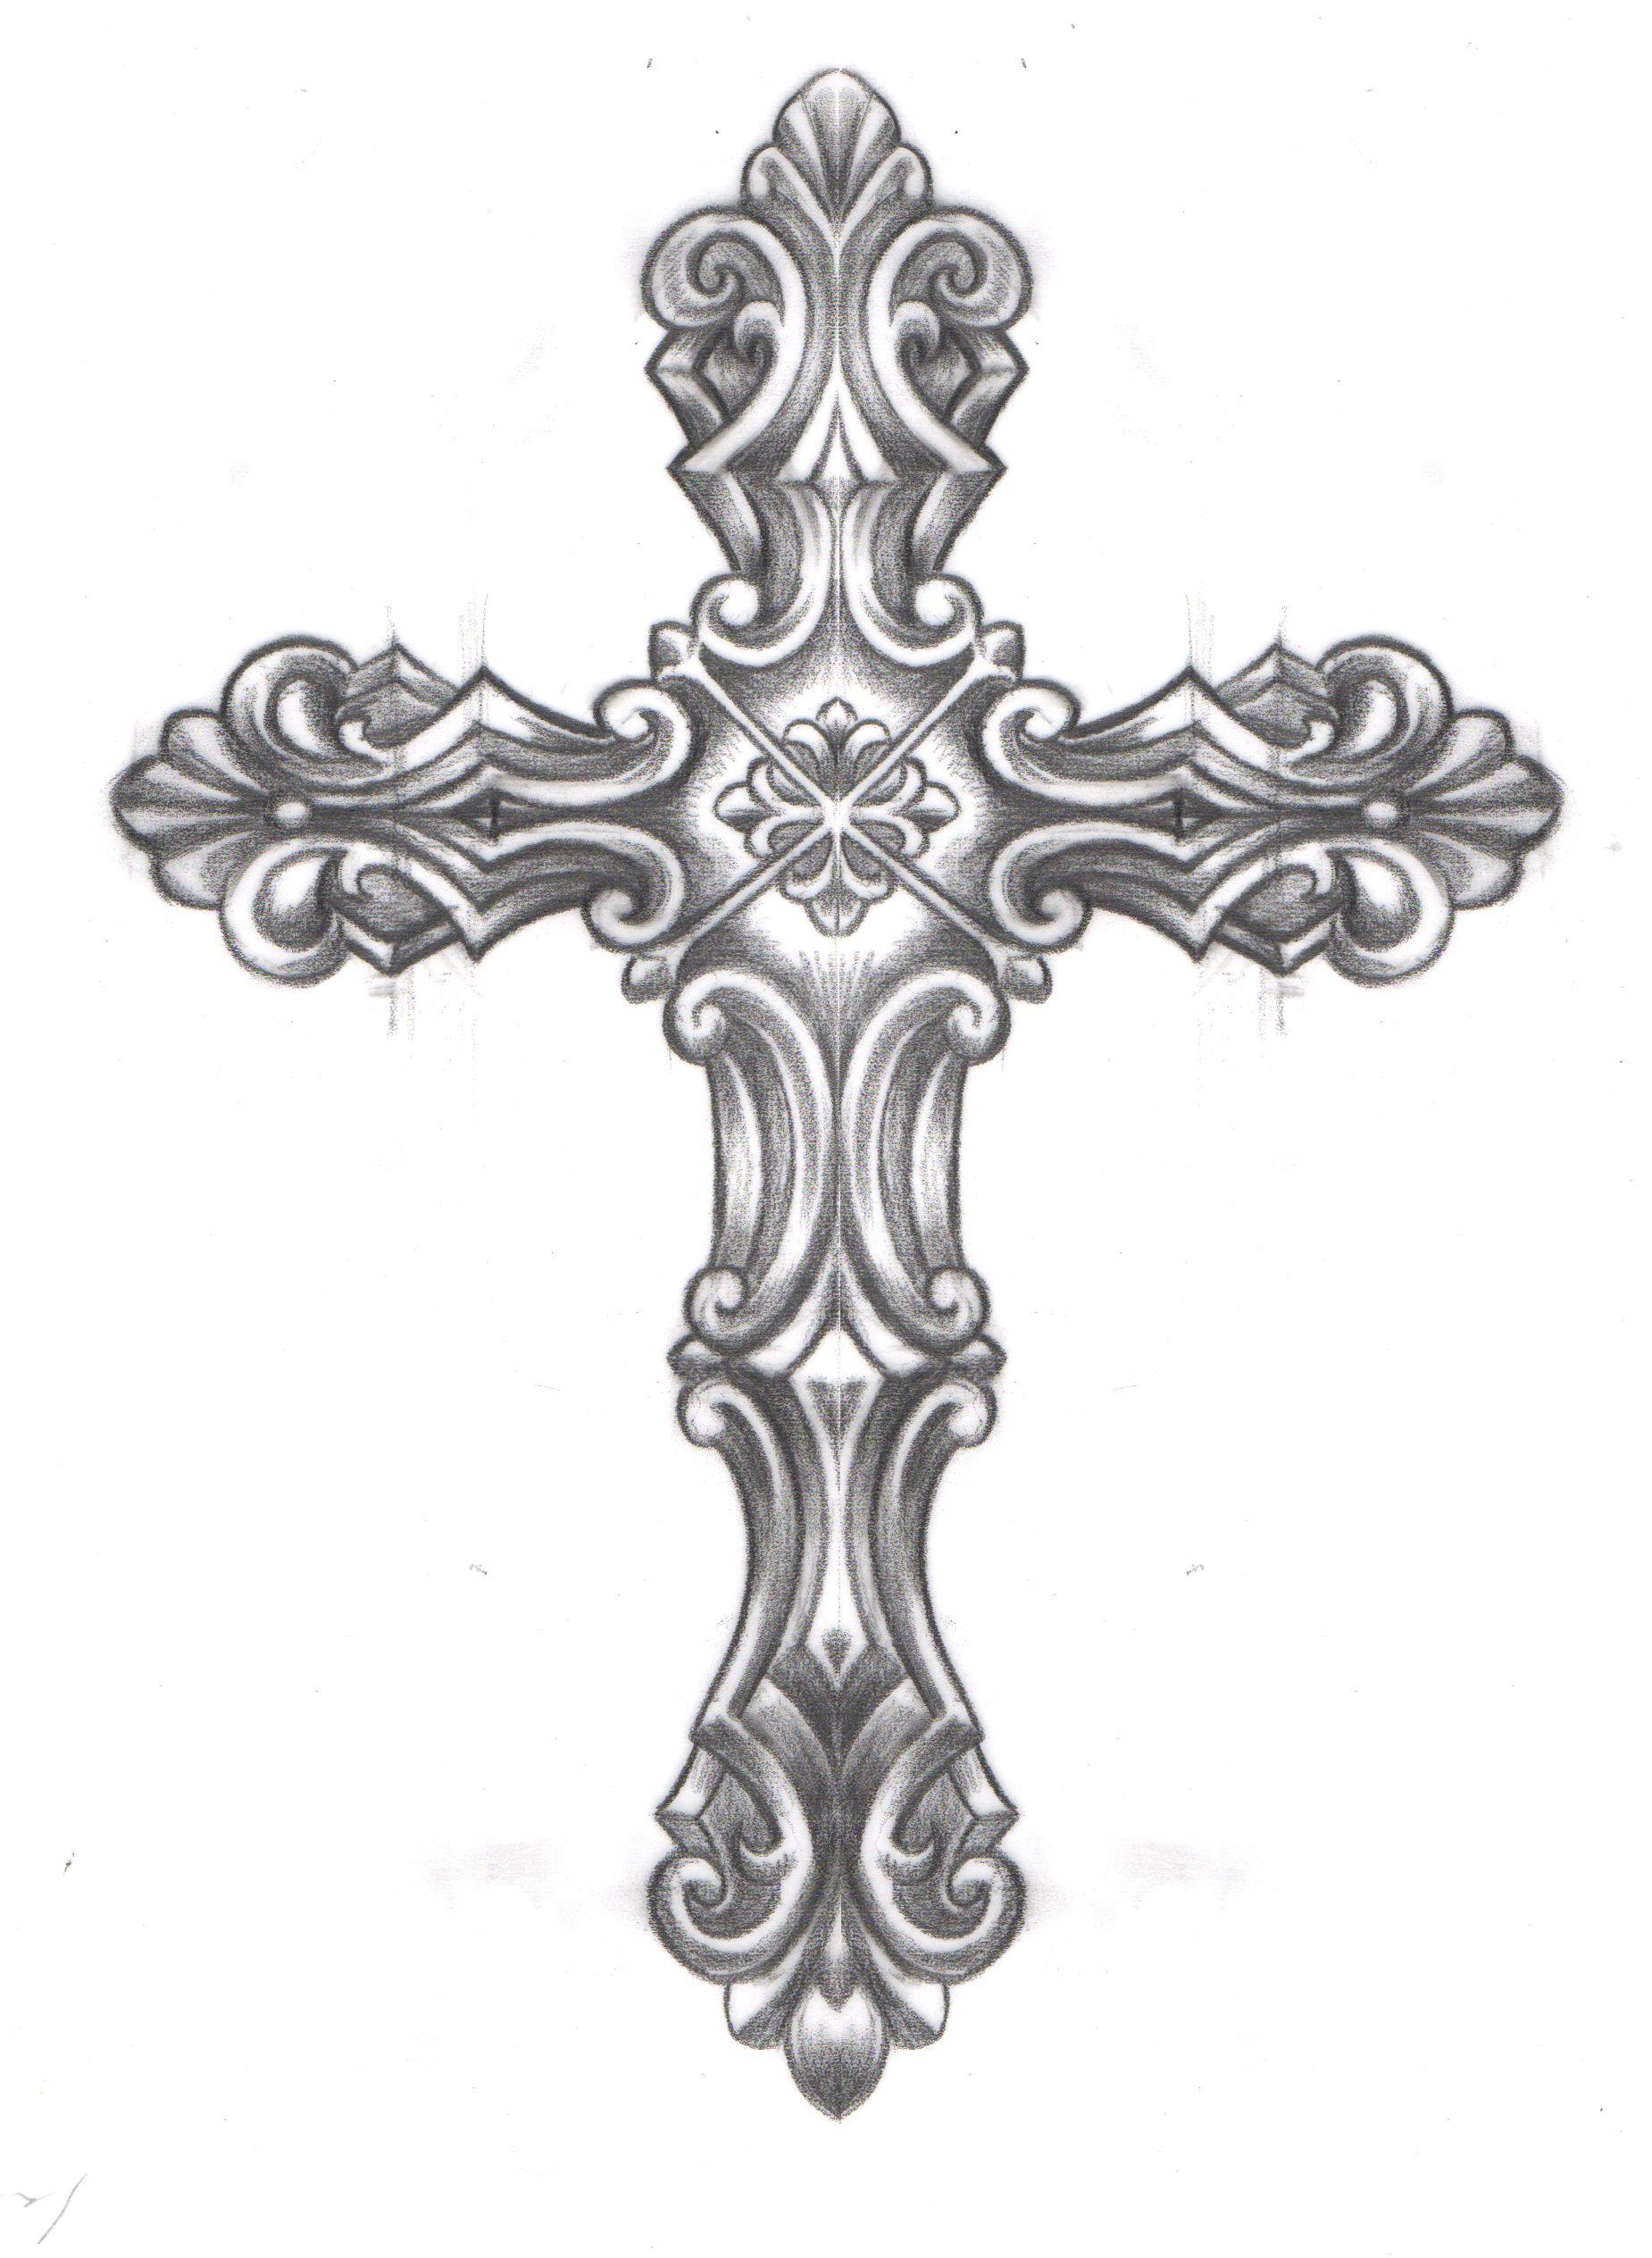 #caspian #caspiandelooze #cross